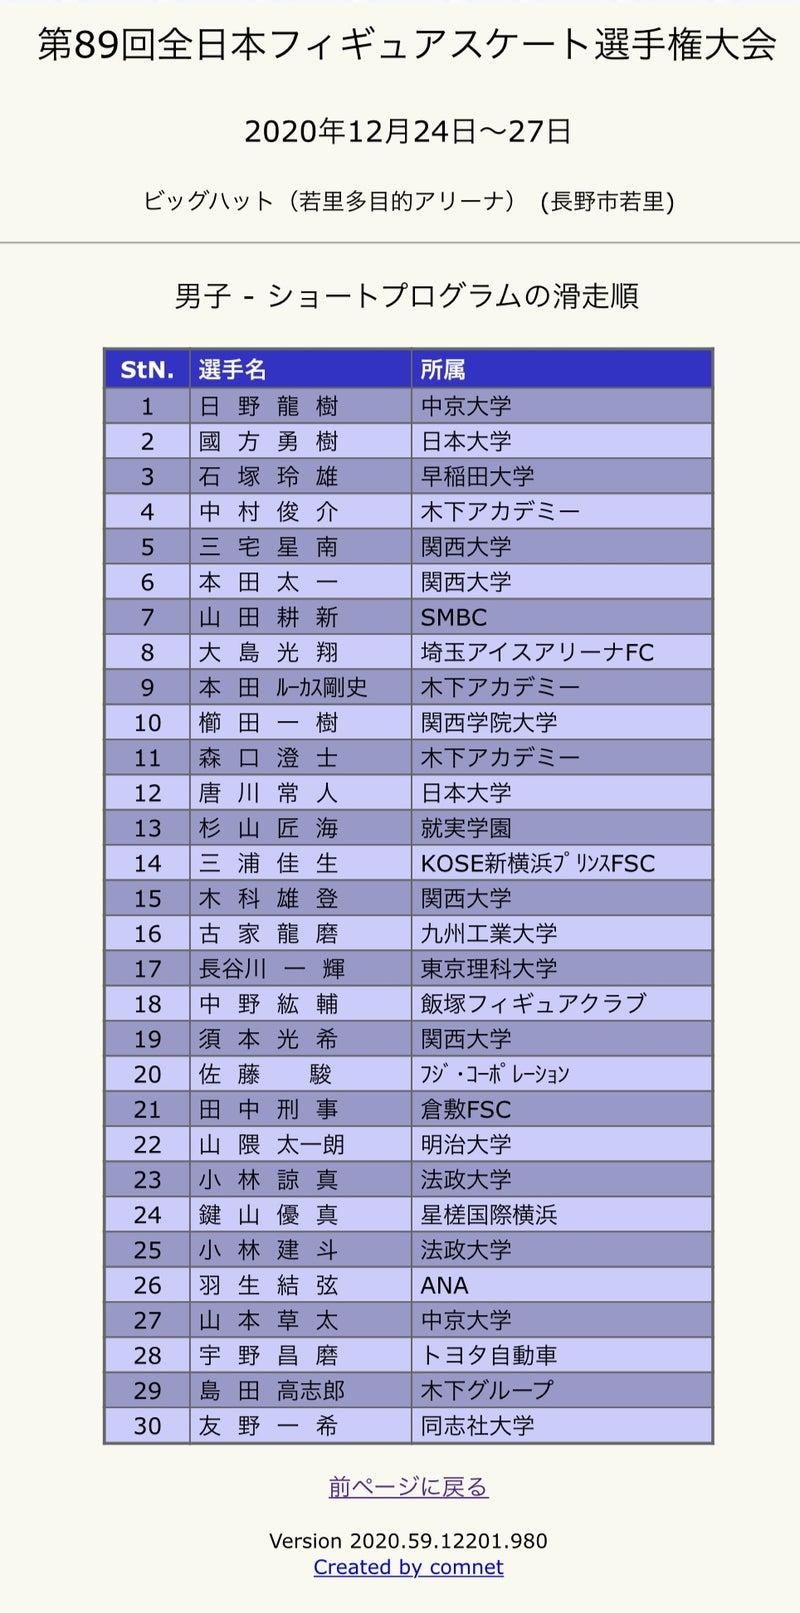 全日本 フィギュア 男子 滑走 順